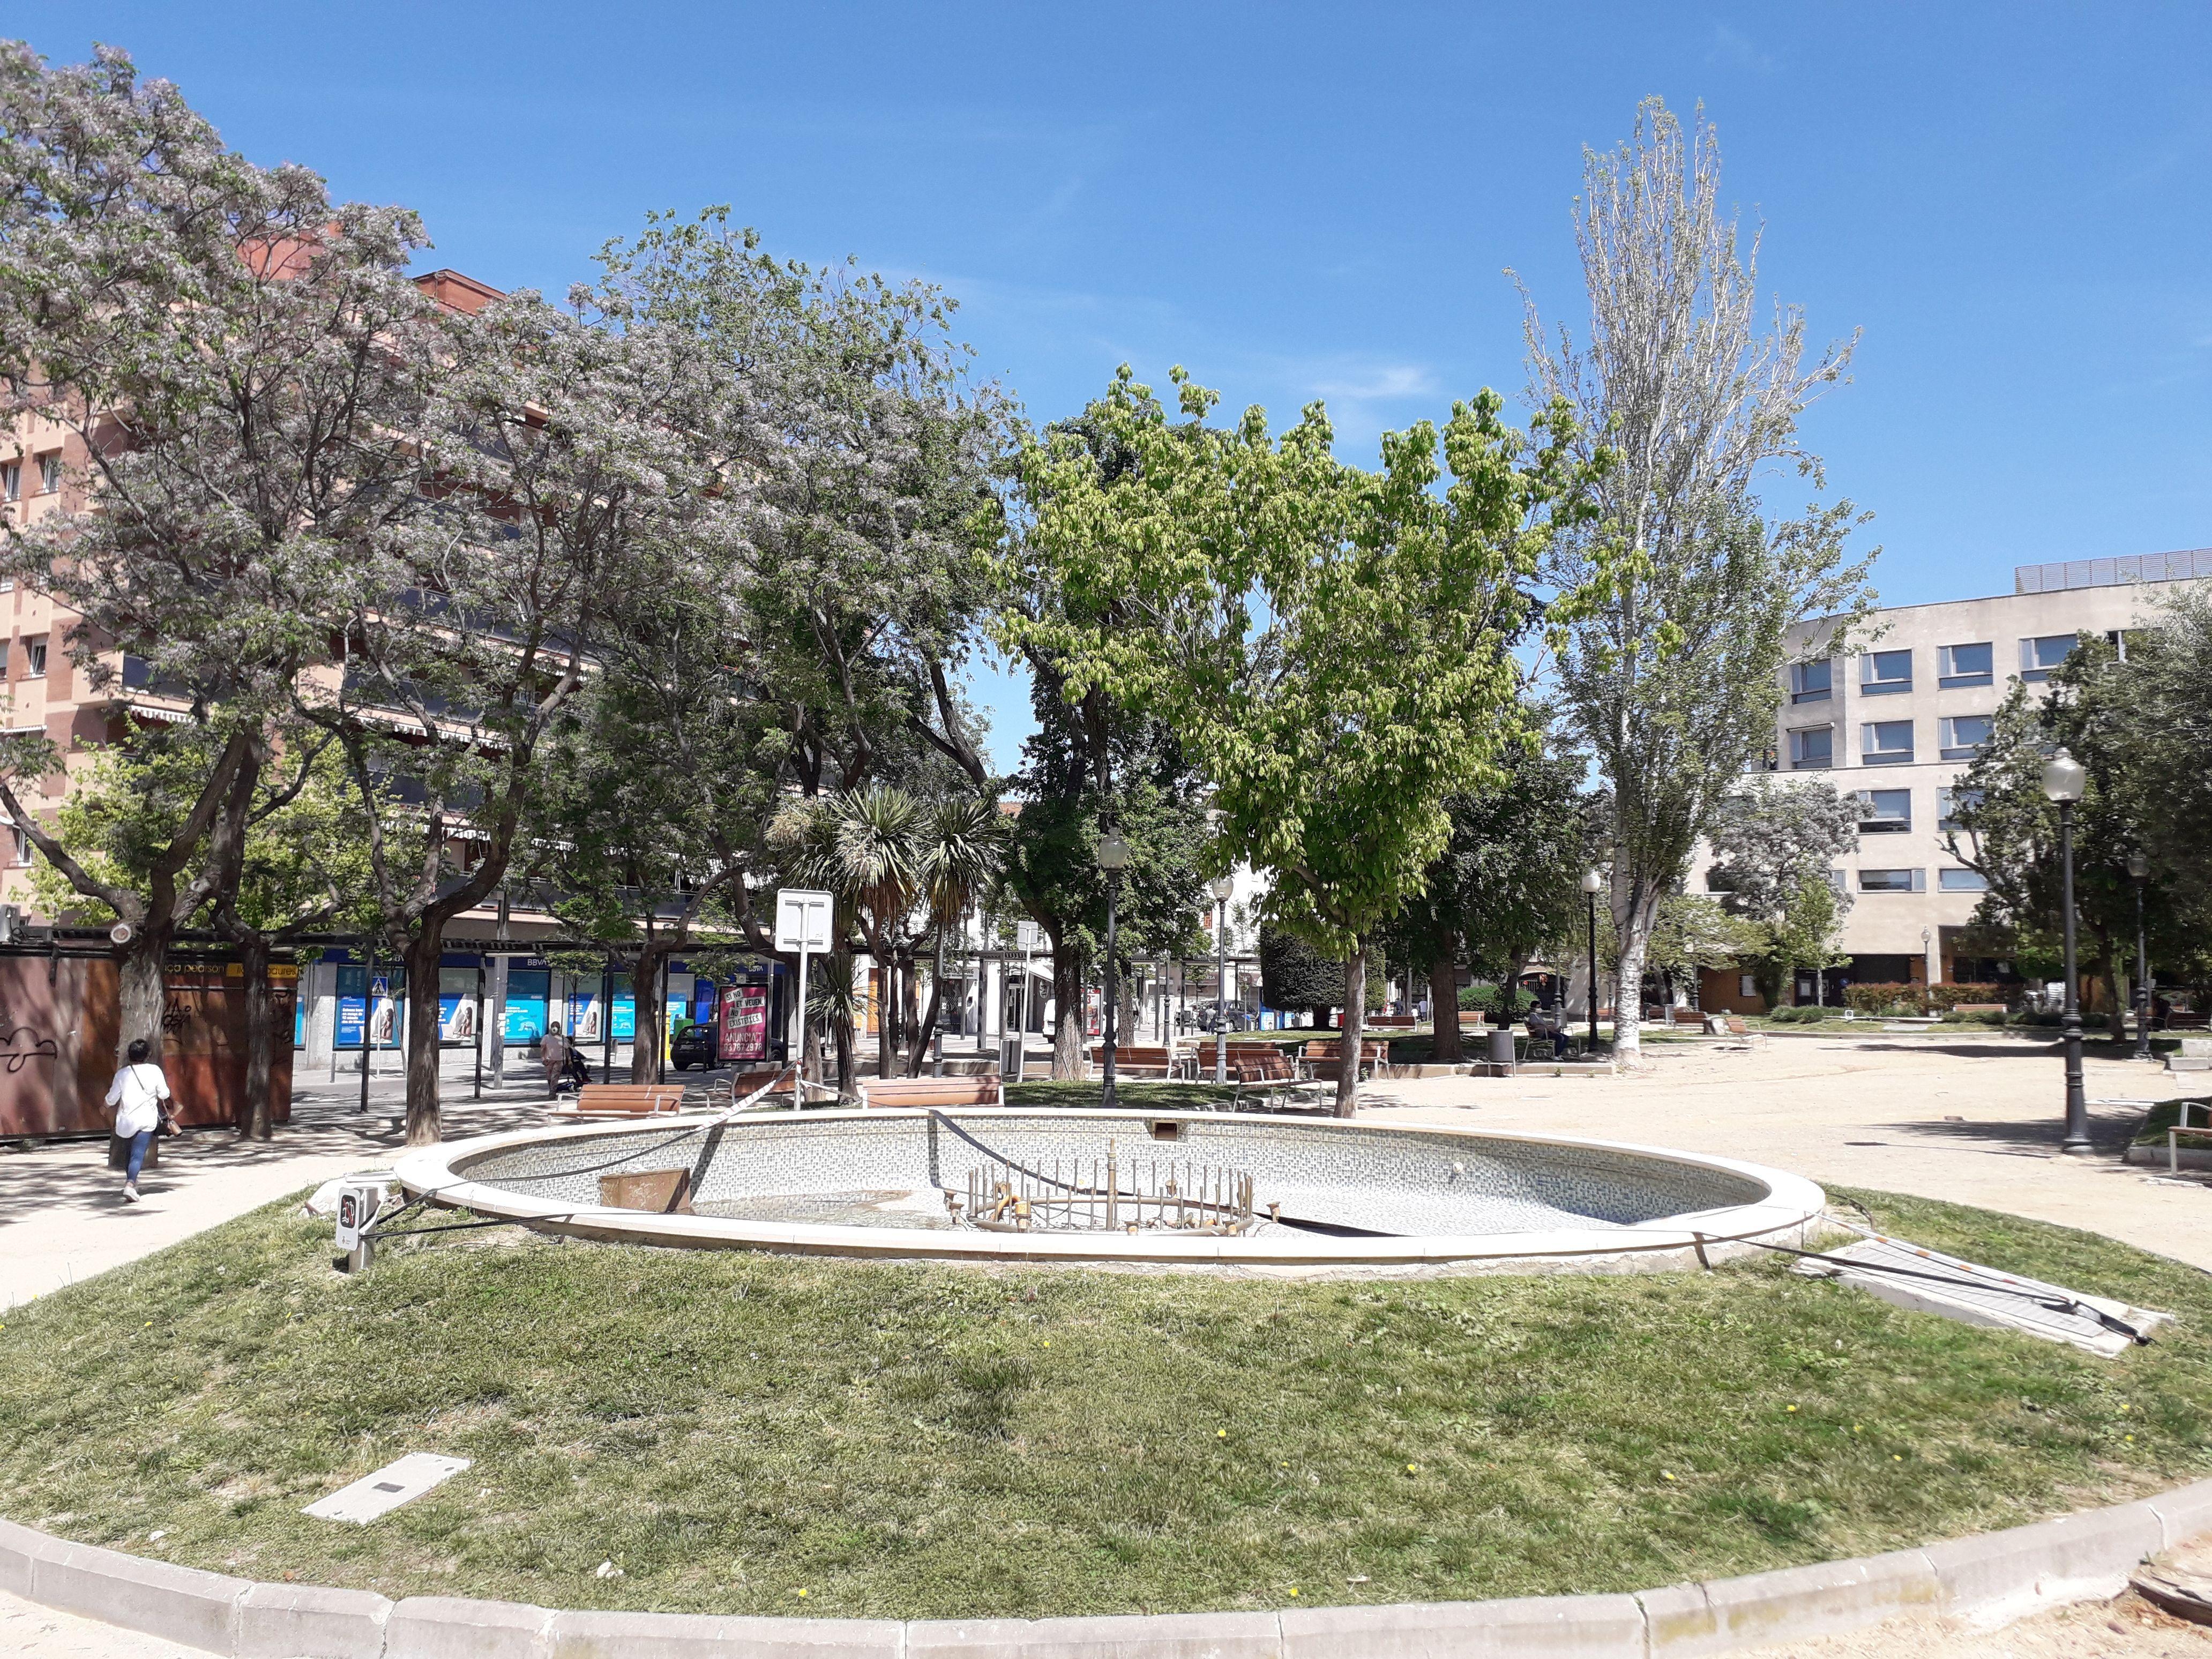 Plaça Pearson. FONT: Núria HS